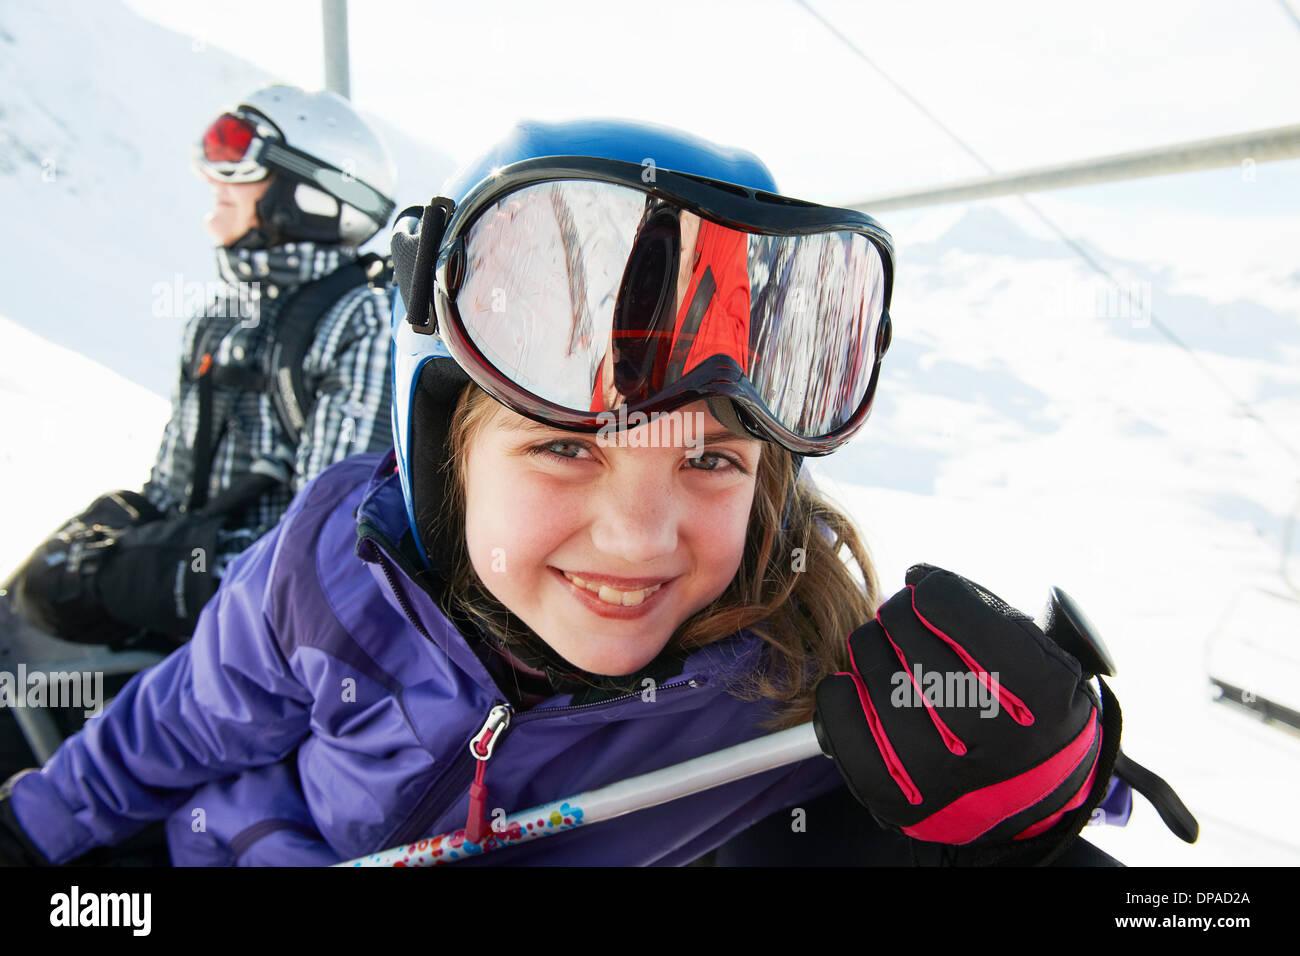 Portrait de jeune fille sur l'ascenseur de ski, Les Arcs, Haute-Savoie, France Photo Stock